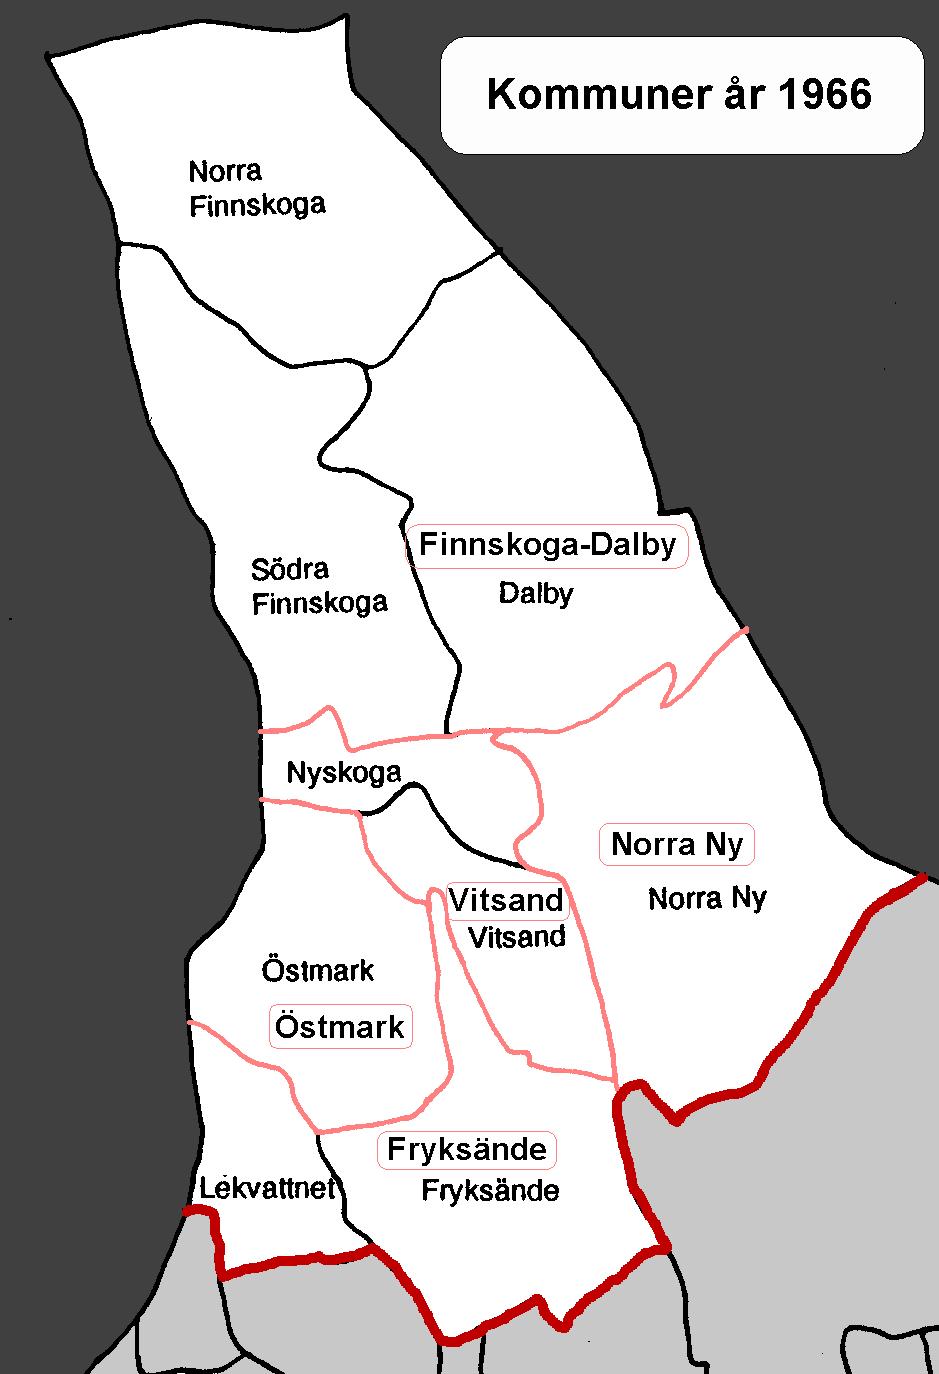 norra ny- nyskoga online dating)